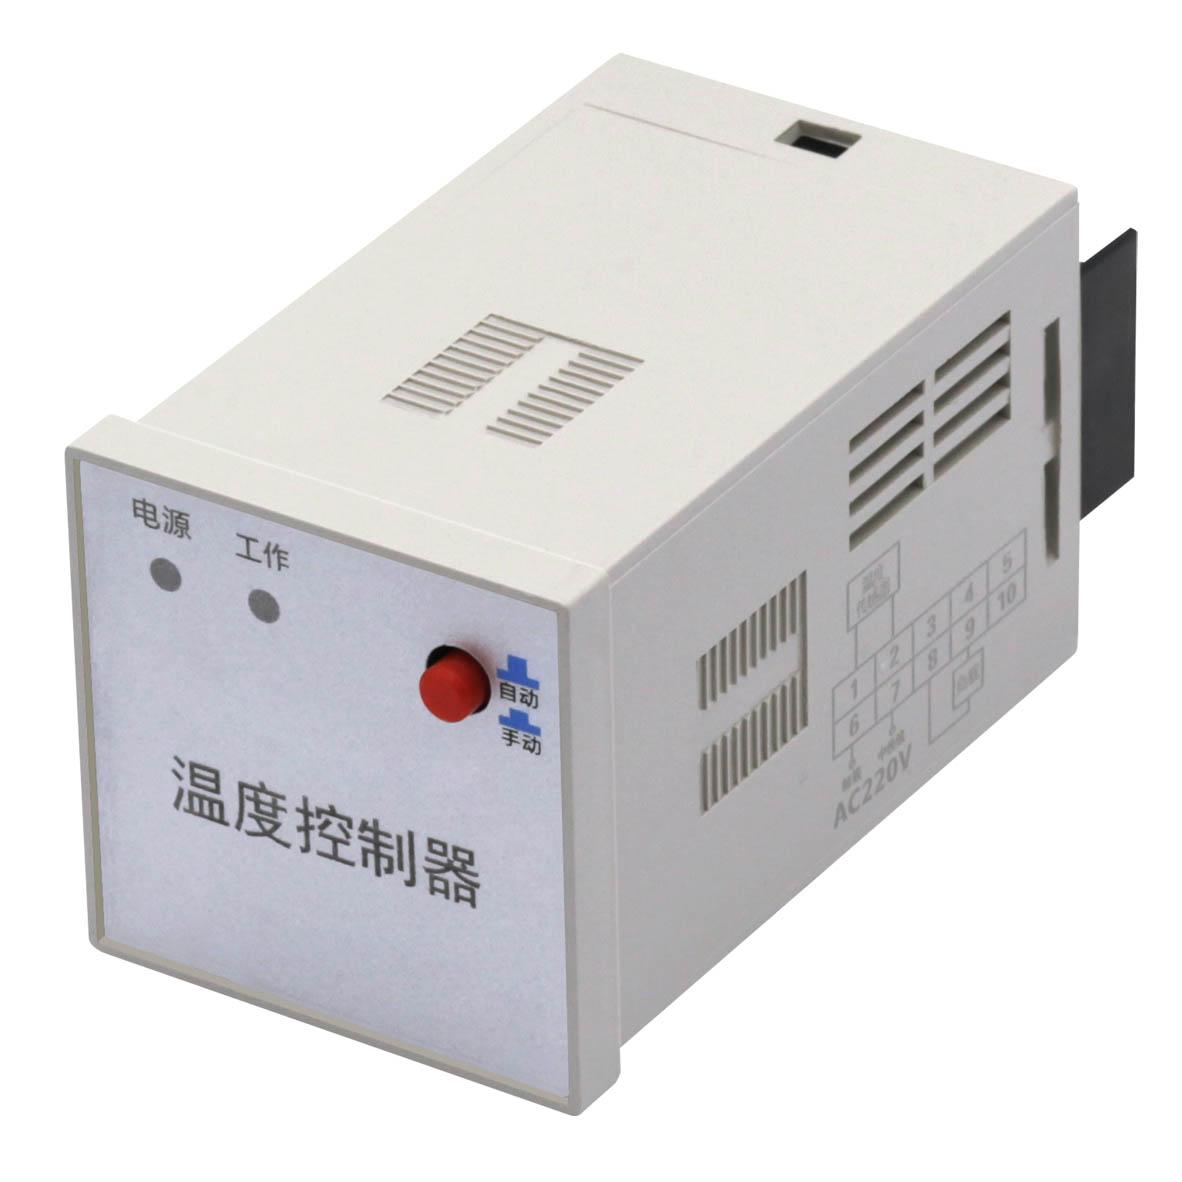 奈曼旗GADR0.525-15-3电力电容器咨询